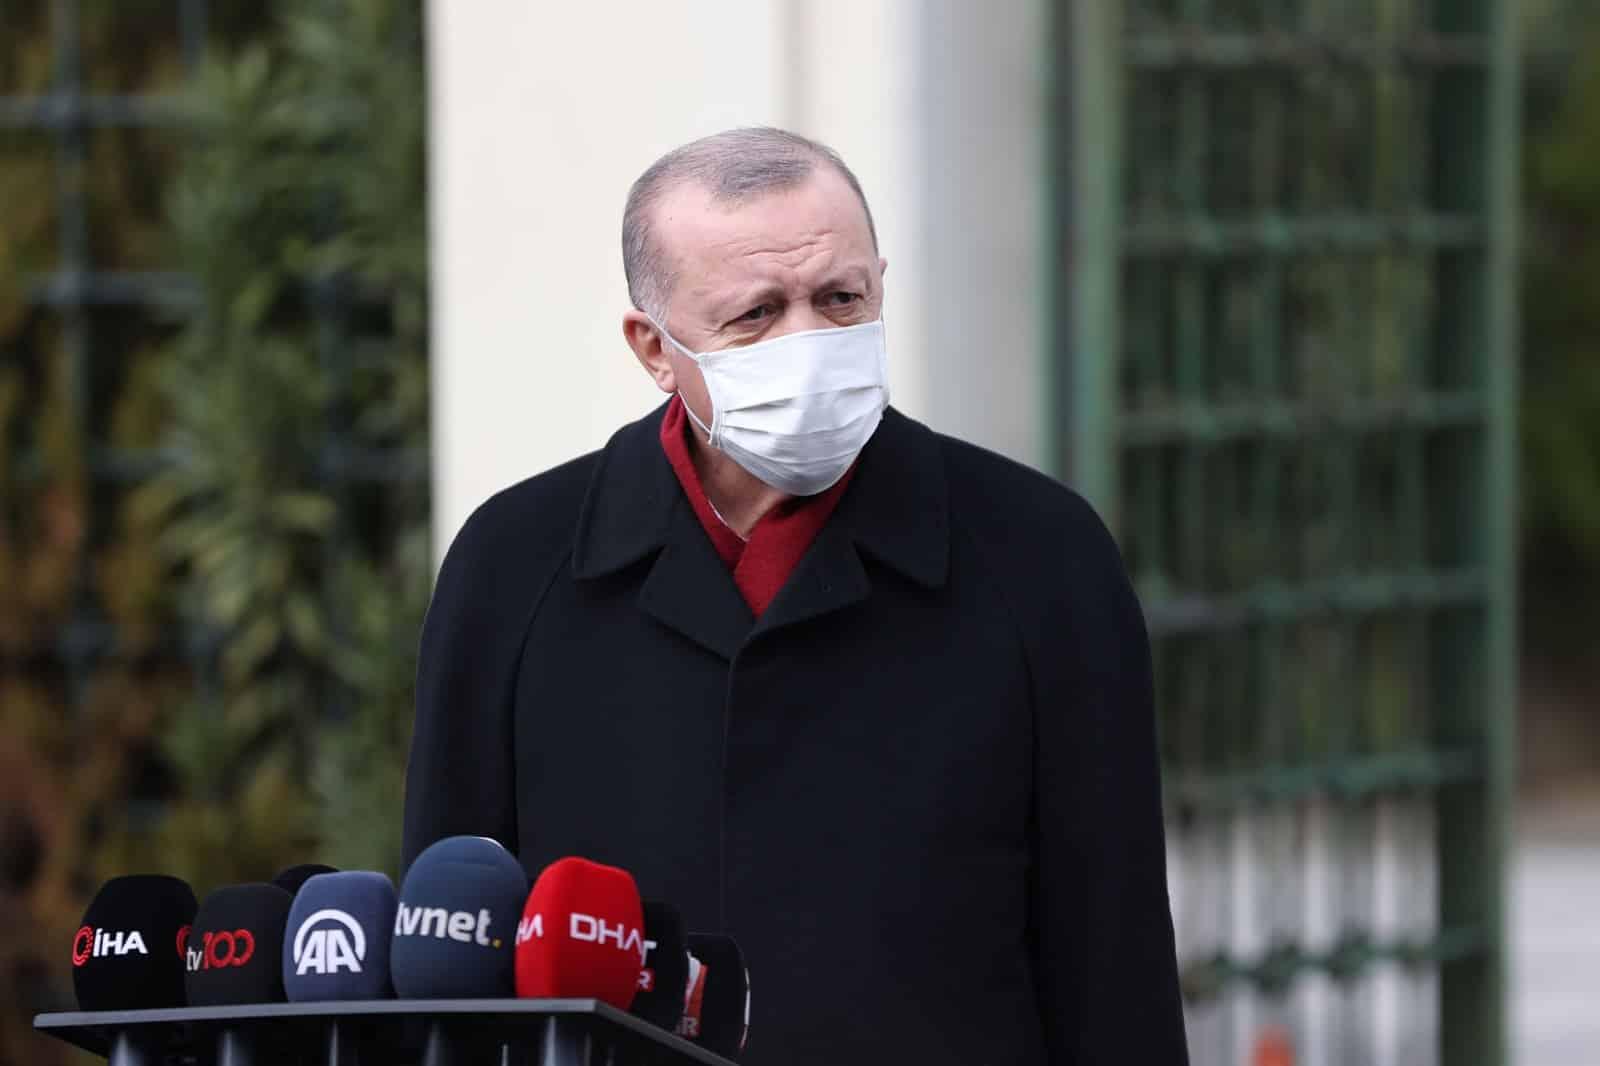 Δυτική Θράκη: Οι αλήθειες που αποκρύπτει ο Ερντογάν - Απομυθοποίηση της τουρκικής προπαγάνδας που αμφισβητεί τη συνθήκη της Λωζάνης